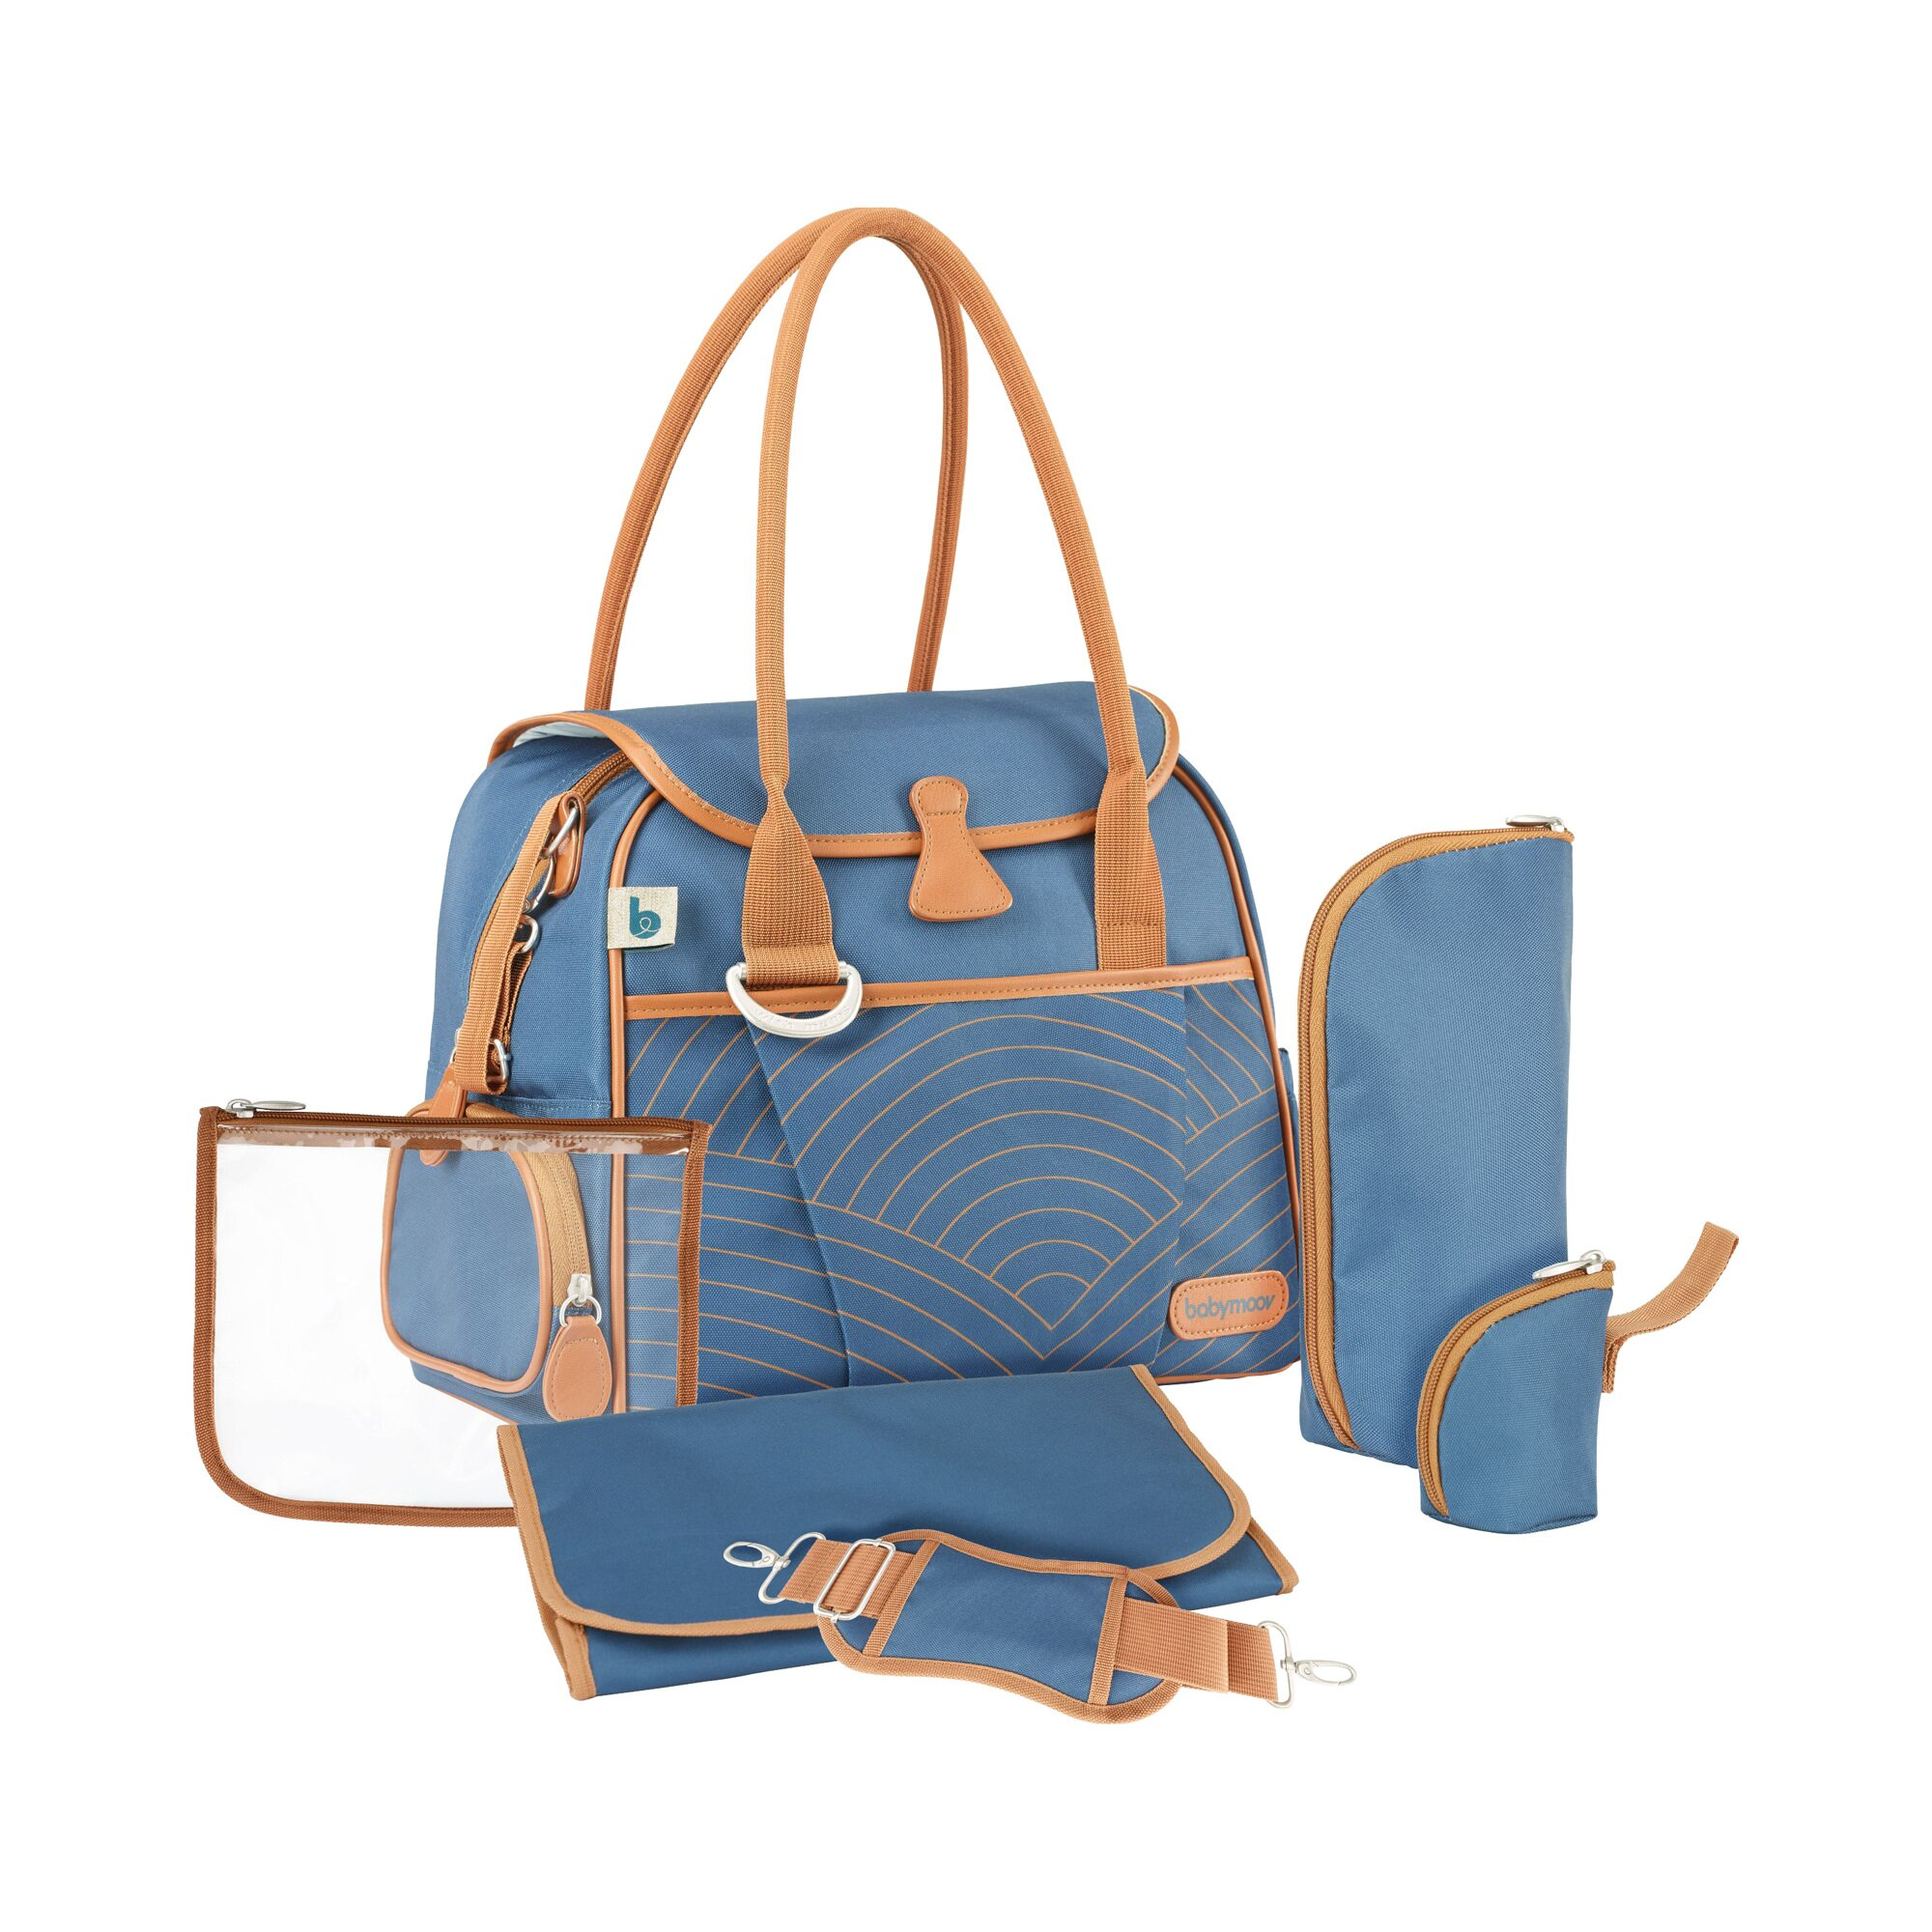 babymoov-wickeltasche-style-bag-blau